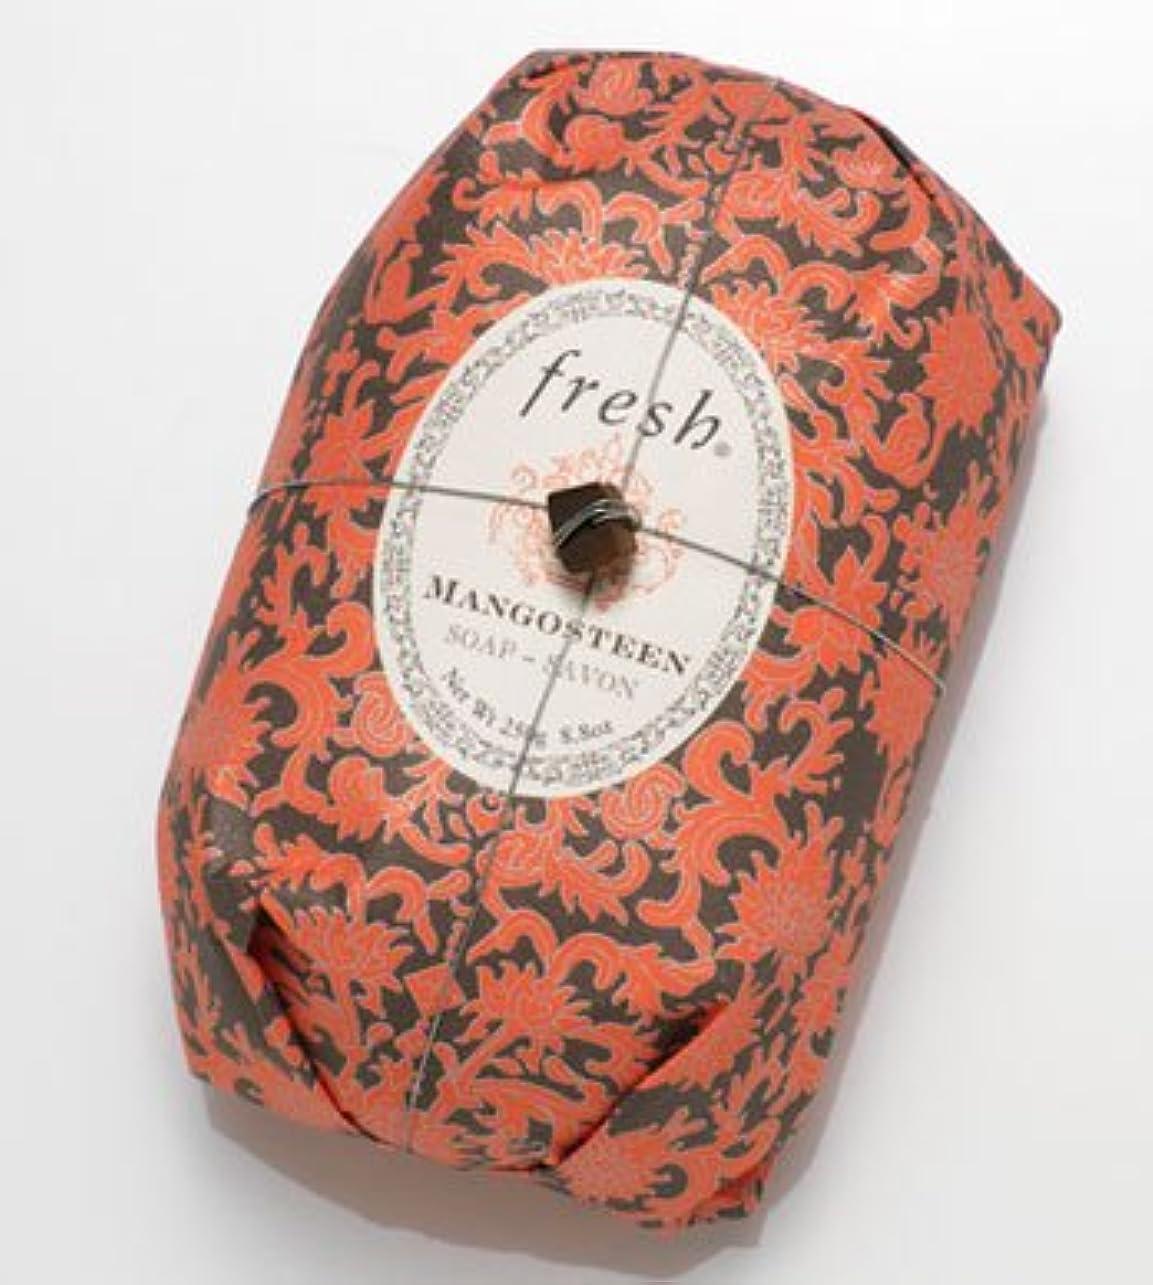 何十人も発言する脅威Fresh MANGOSTEEN SOAP (フレッシュ マンゴスチーン ソープ) 8.8 oz (250g) Soap (石鹸) by Fresh